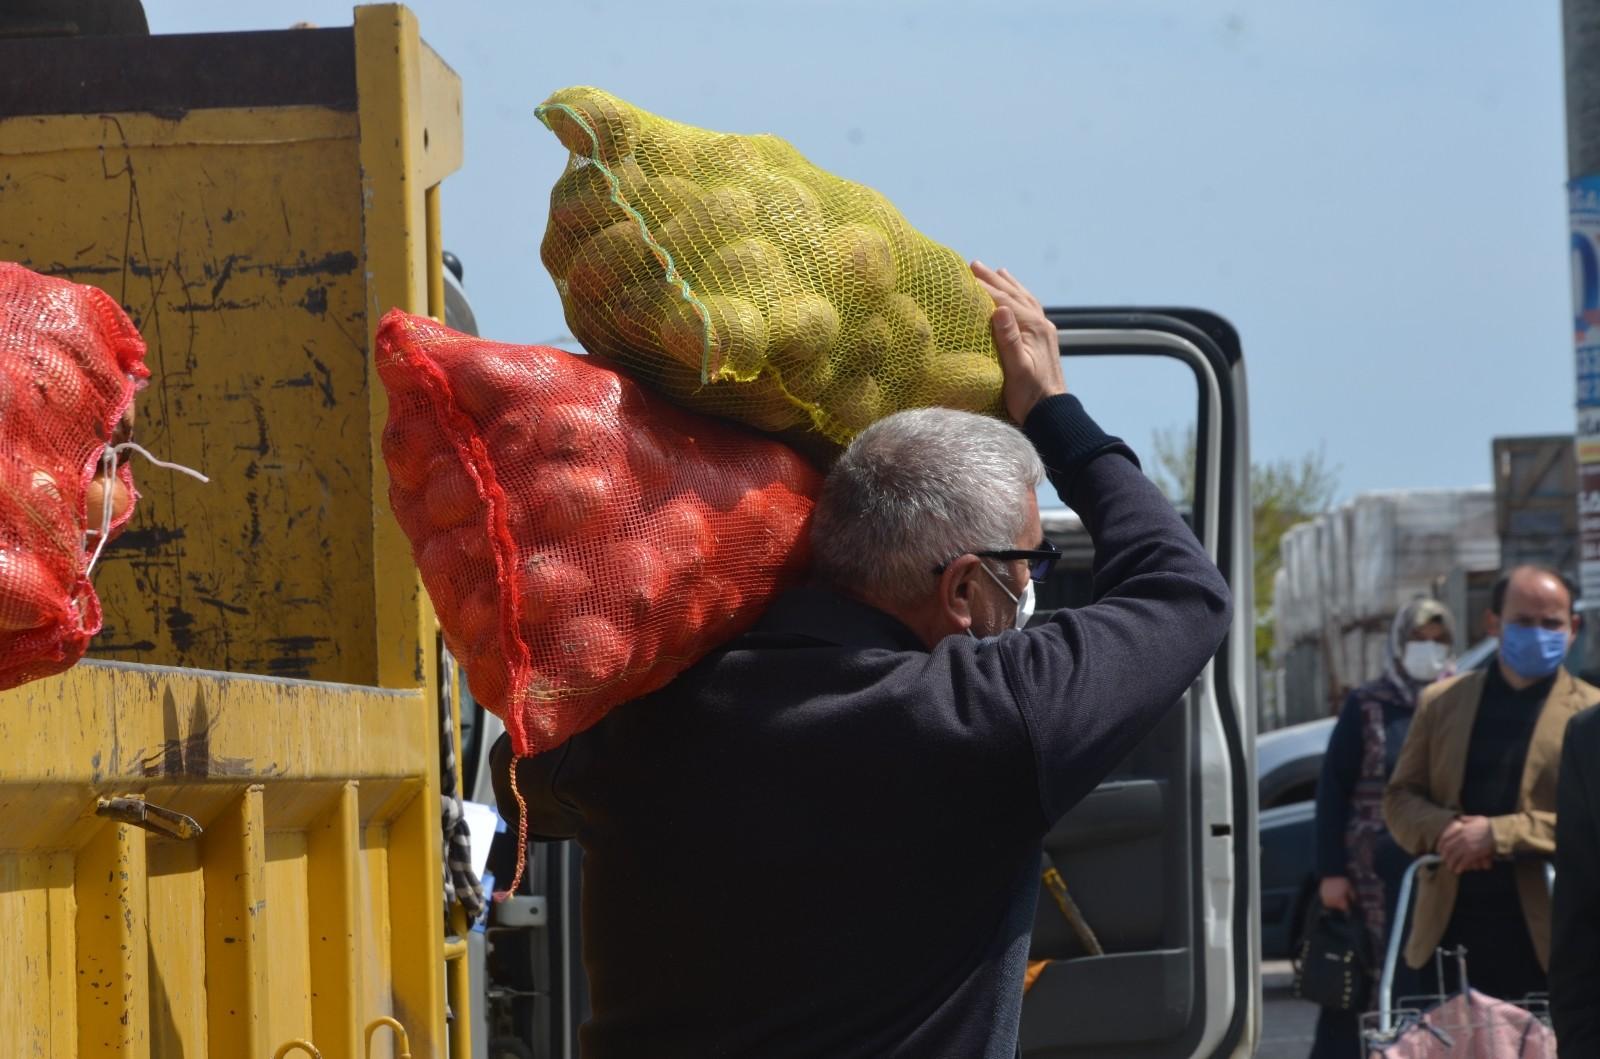 Ücretsiz soğan ve patates dağıtımı başladı